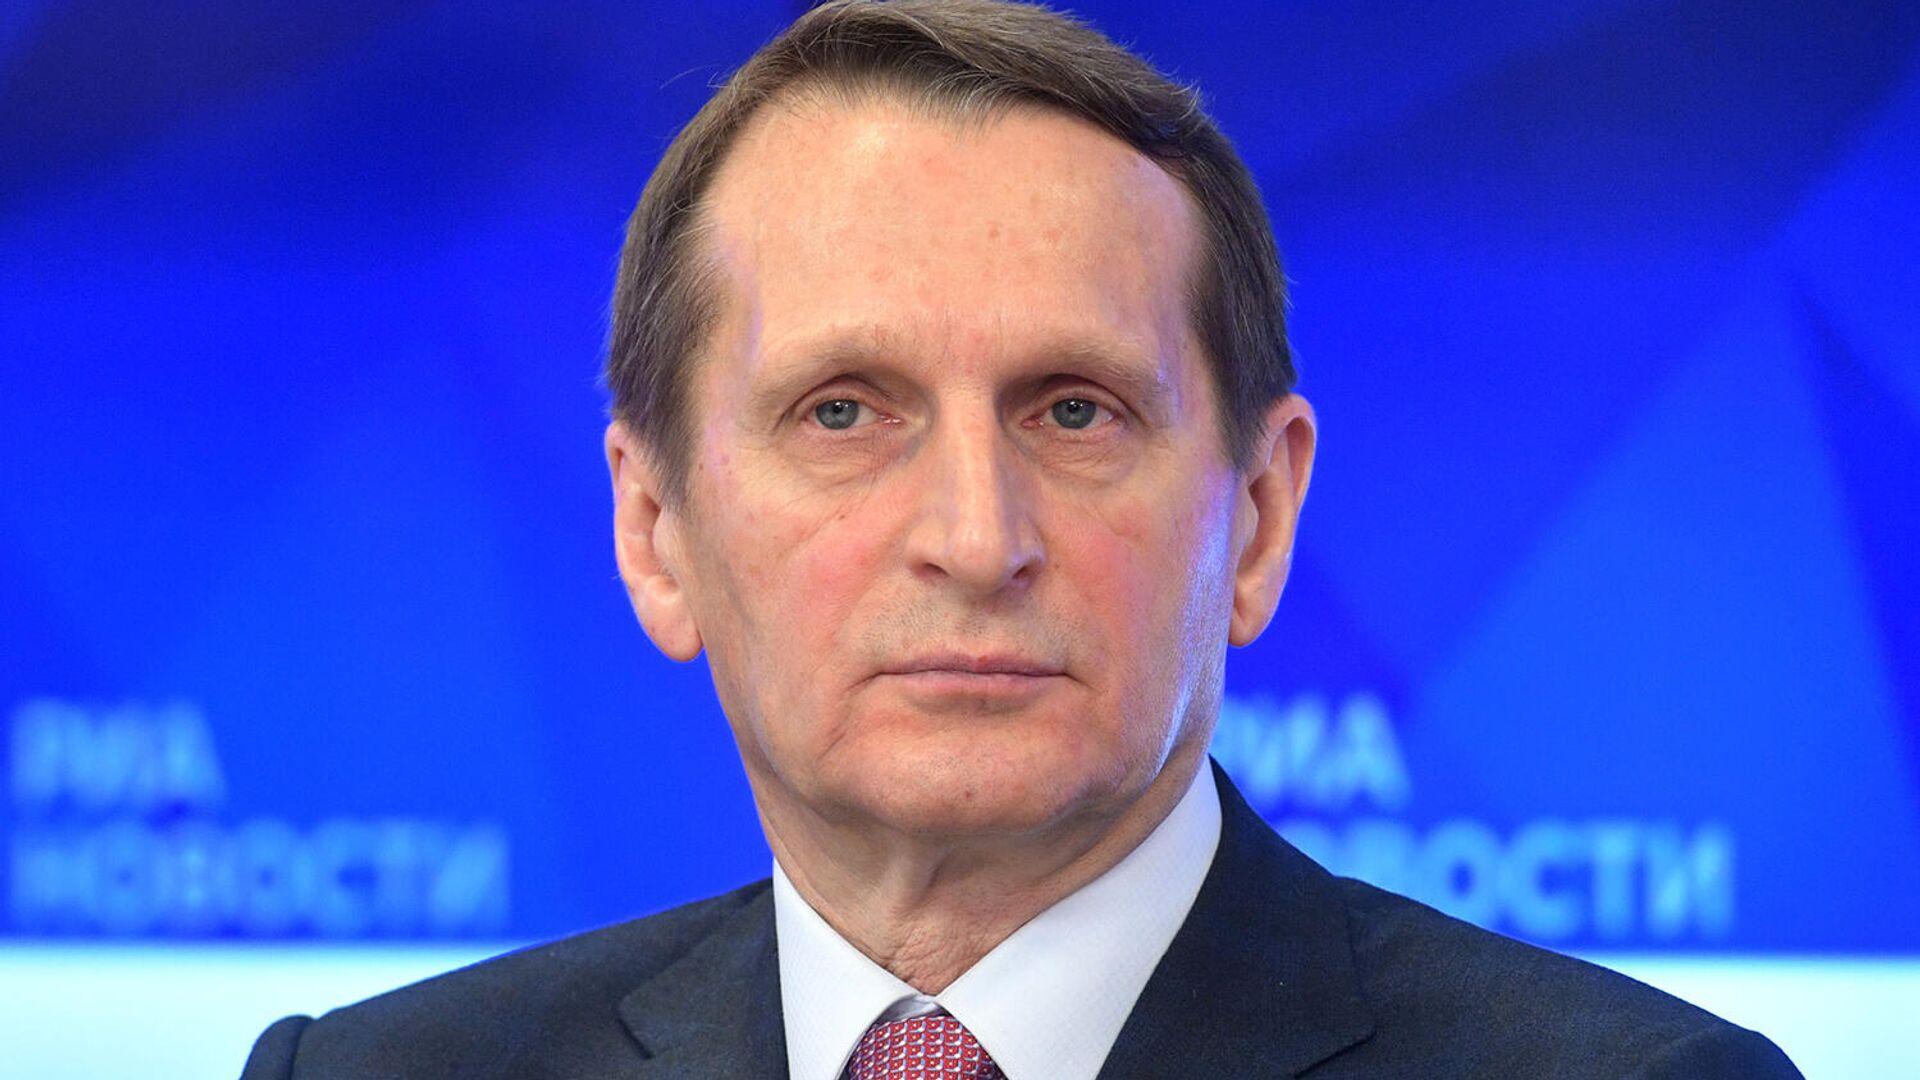 Нарышкин прокомментировал обвинения России в кибератаках на США